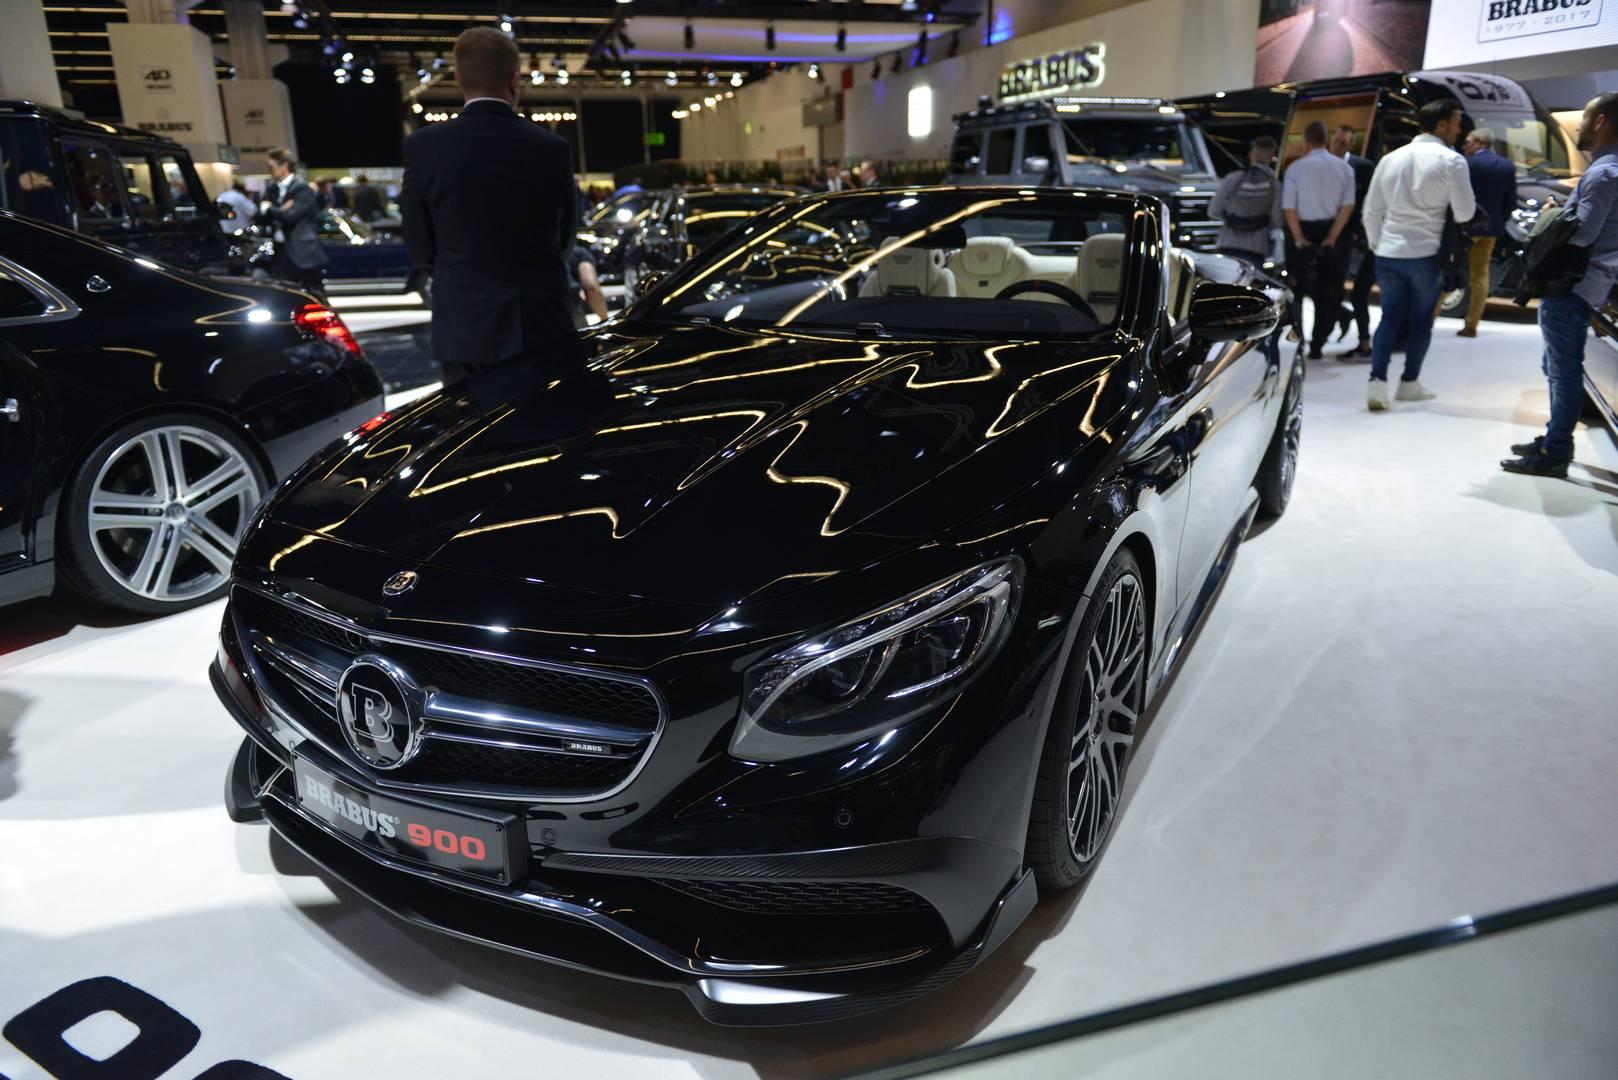 Он производит мощные 900 лошадиных сил и 1500 Нм крутящего момента (с электронным ограничением).